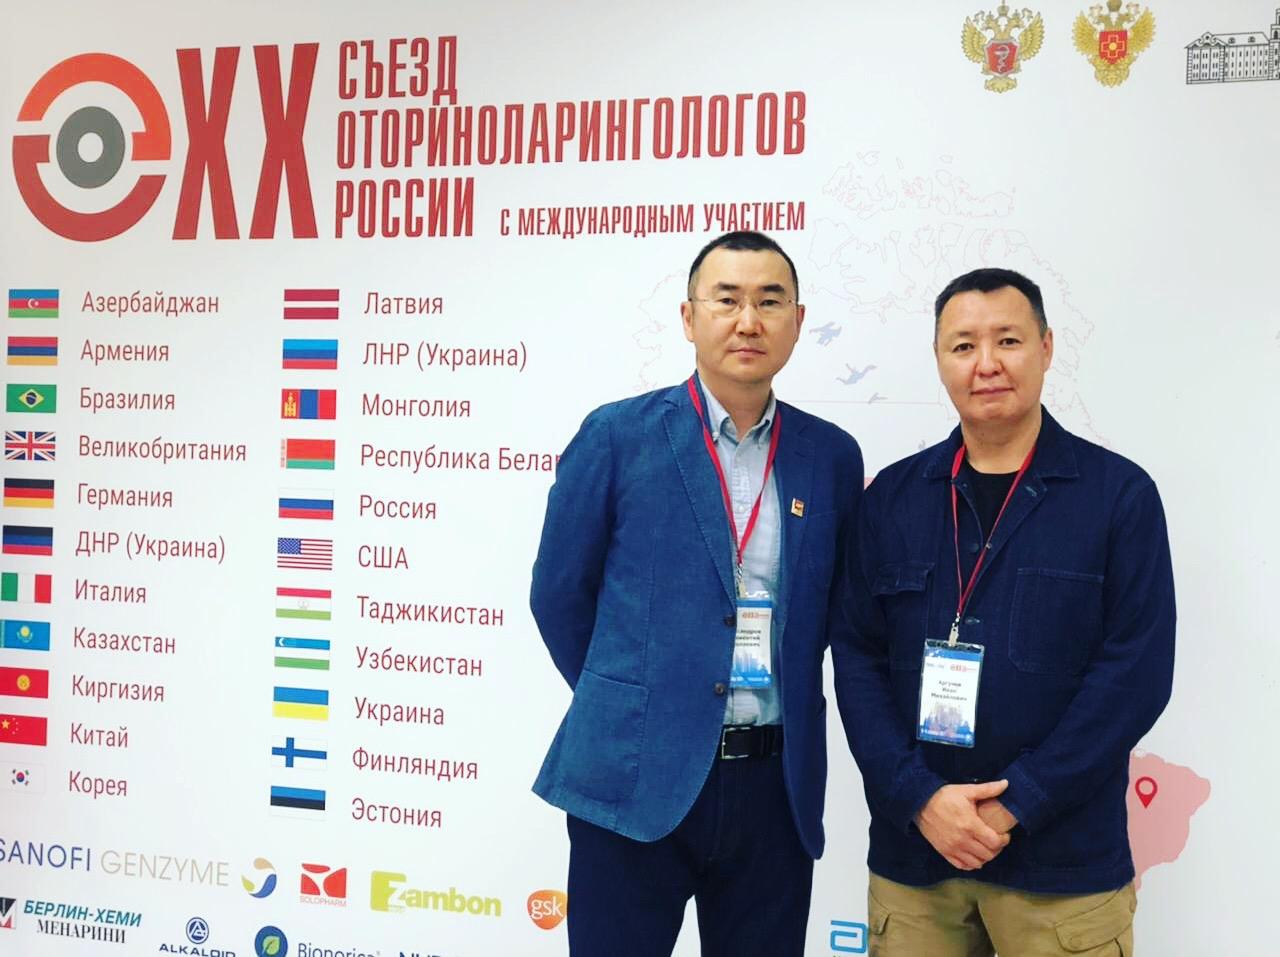 ЛОР врачи  РБ2 принимают участие в съезде оториноларингологов России